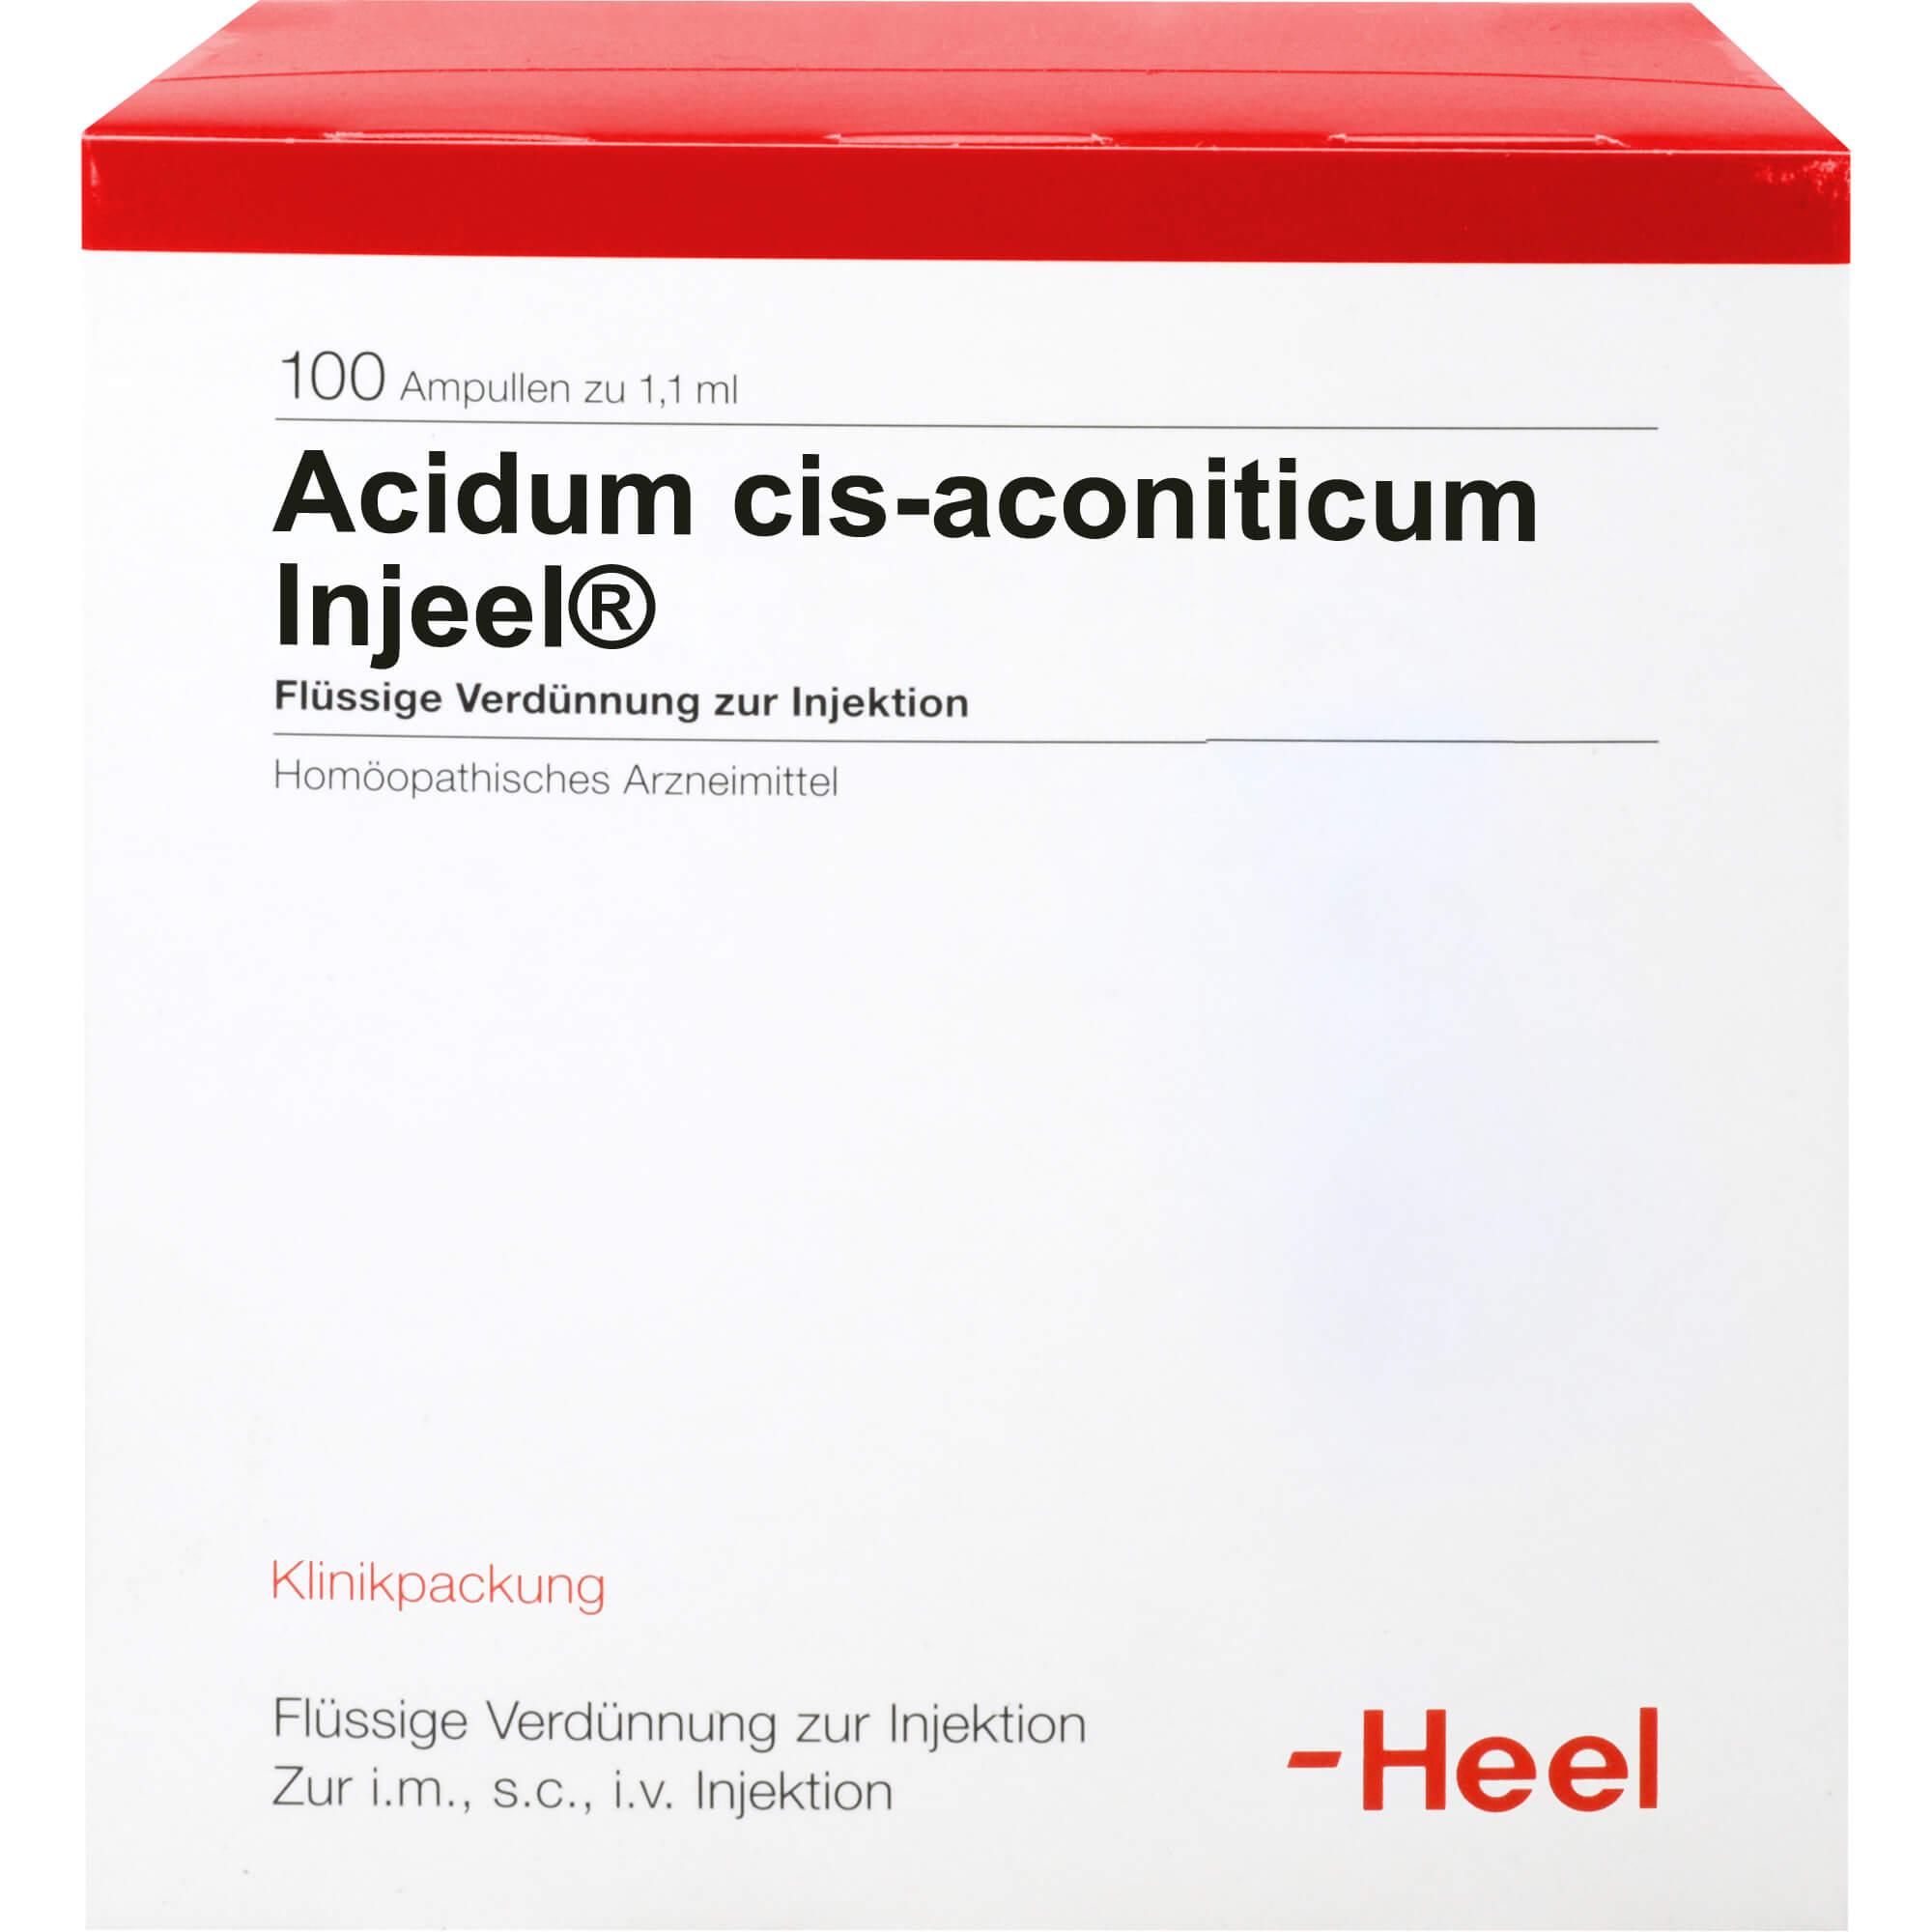 ACIDUM-CIS-aconiticum-Injeel-Ampullen